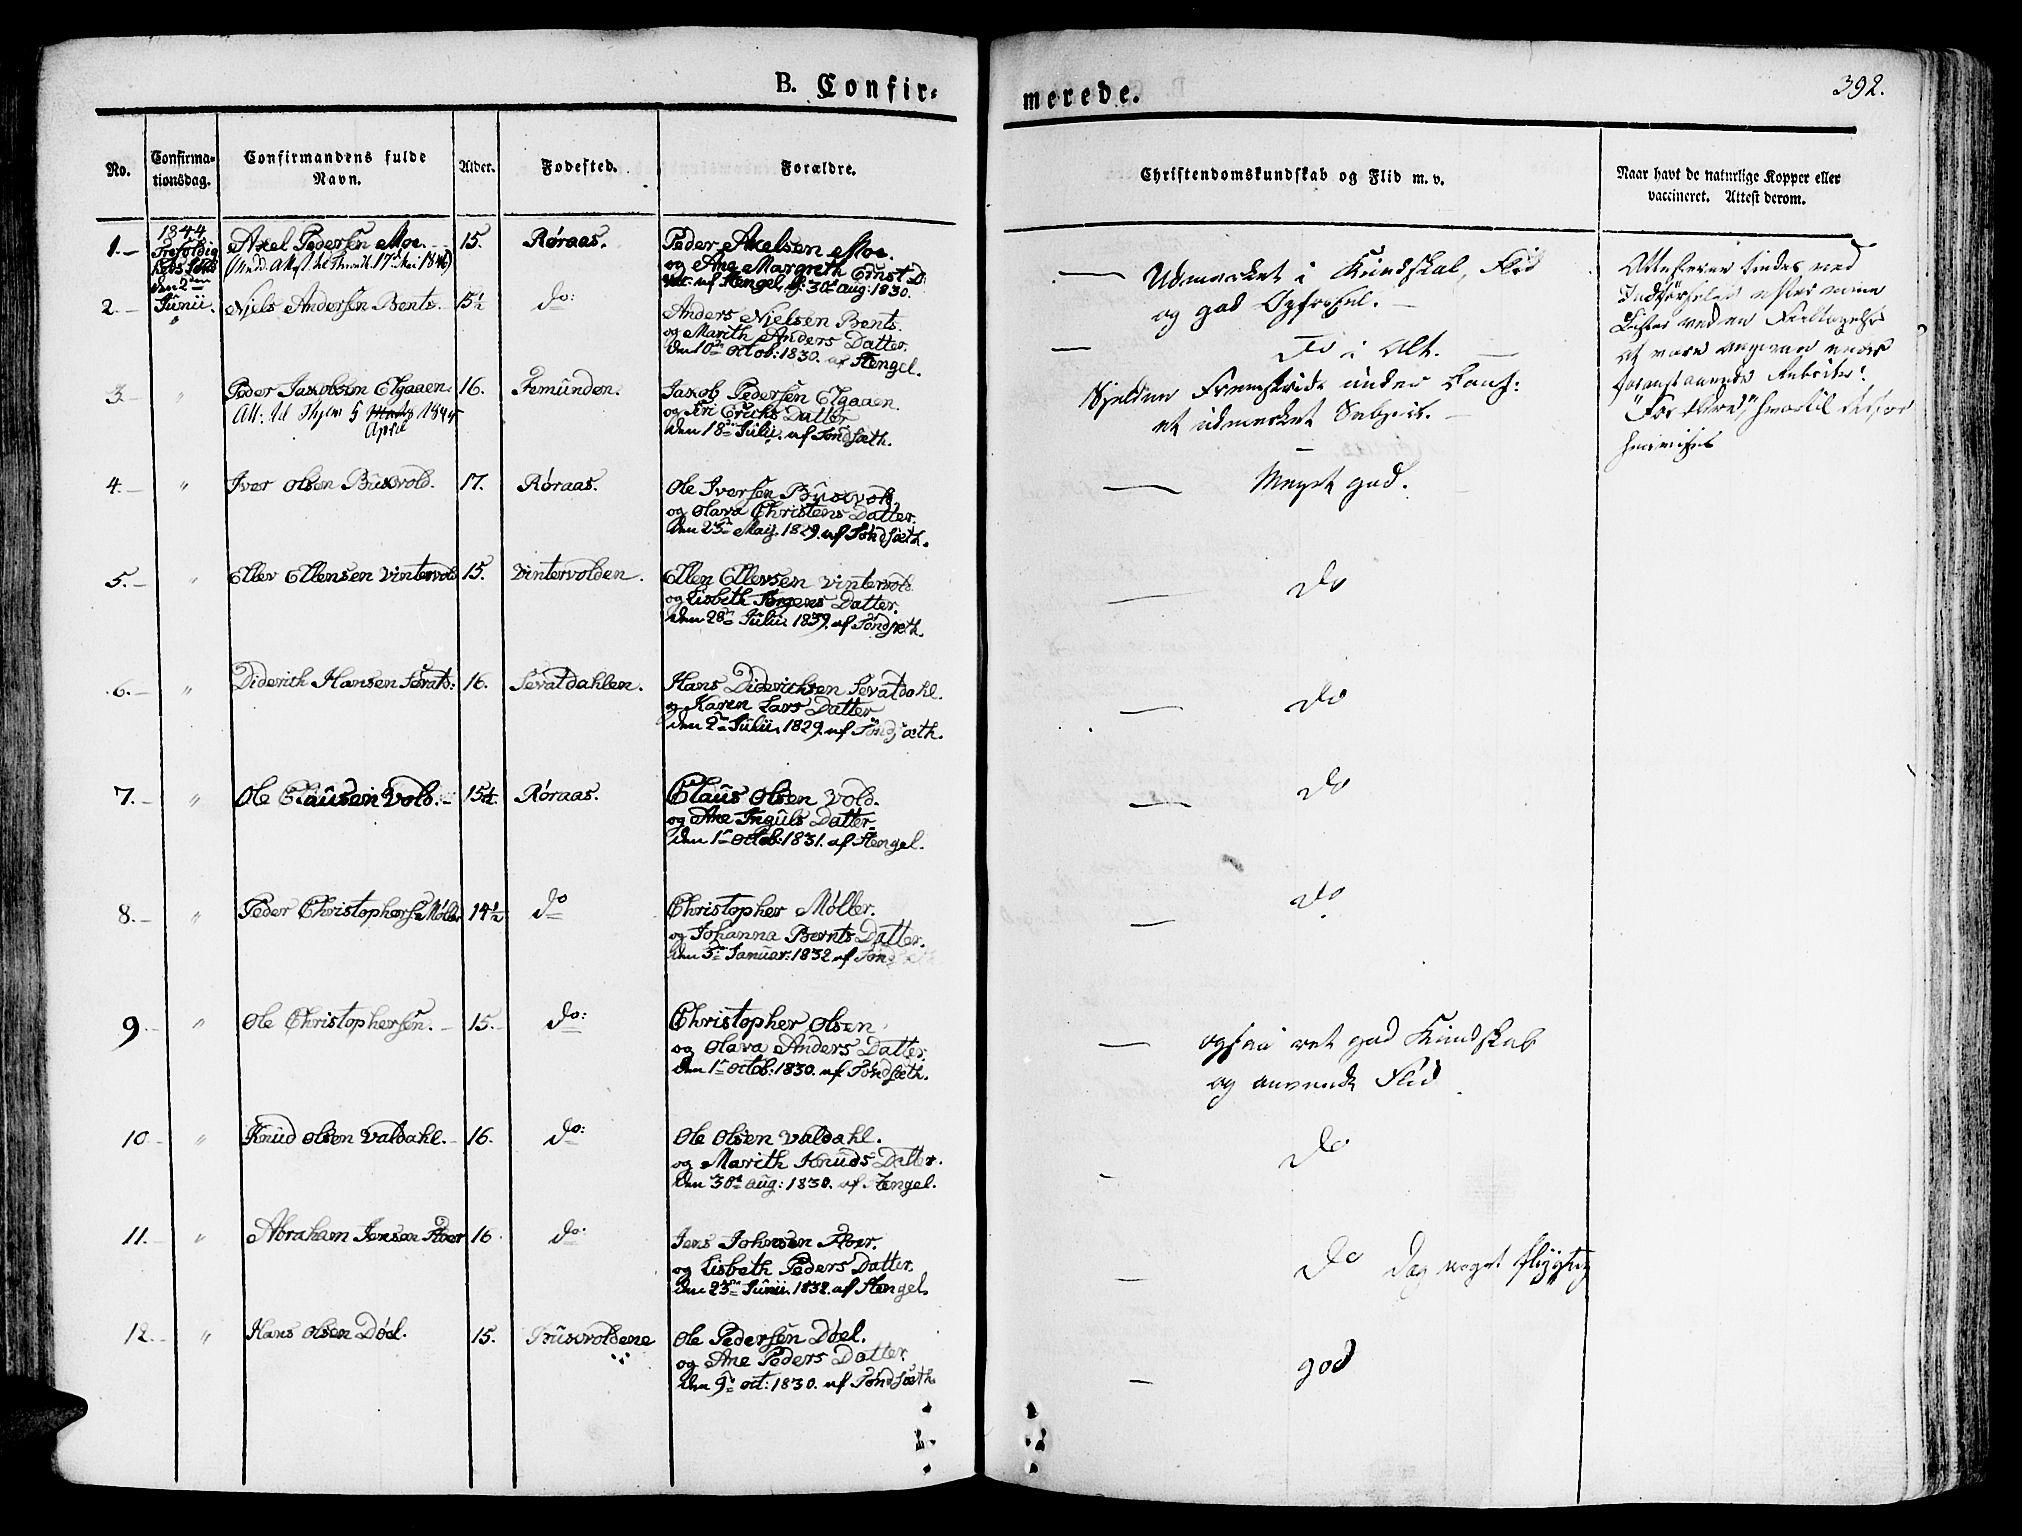 SAT, Ministerialprotokoller, klokkerbøker og fødselsregistre - Sør-Trøndelag, 681/L0930: Ministerialbok nr. 681A08, 1829-1844, s. 392